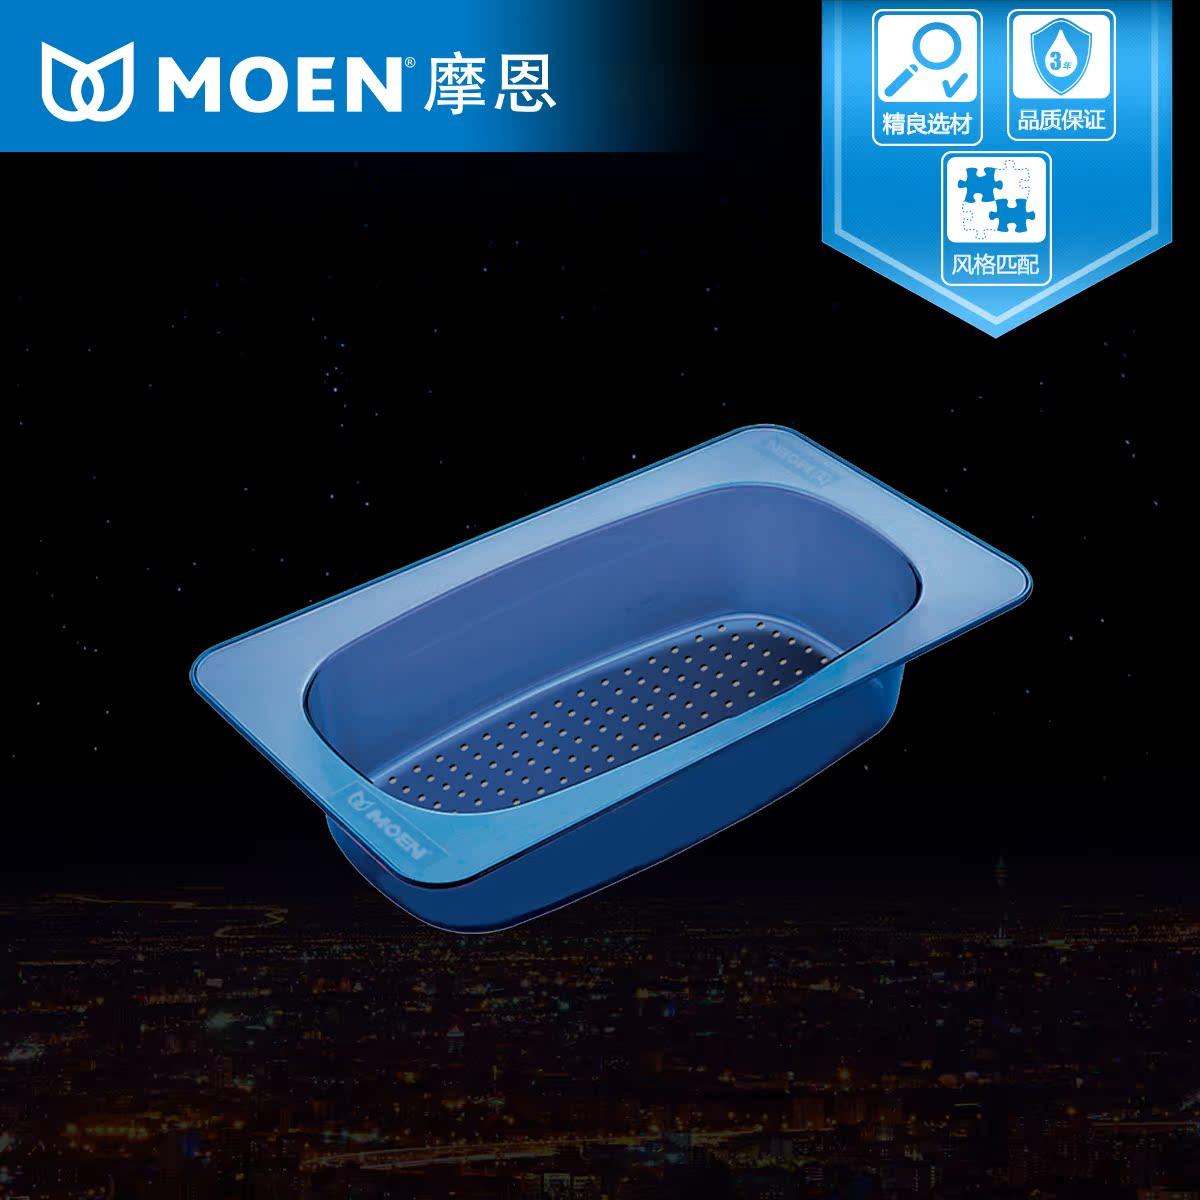 MOEN摩恩 精致塑料瀝水籃洗菜籃 54515 廚房水槽